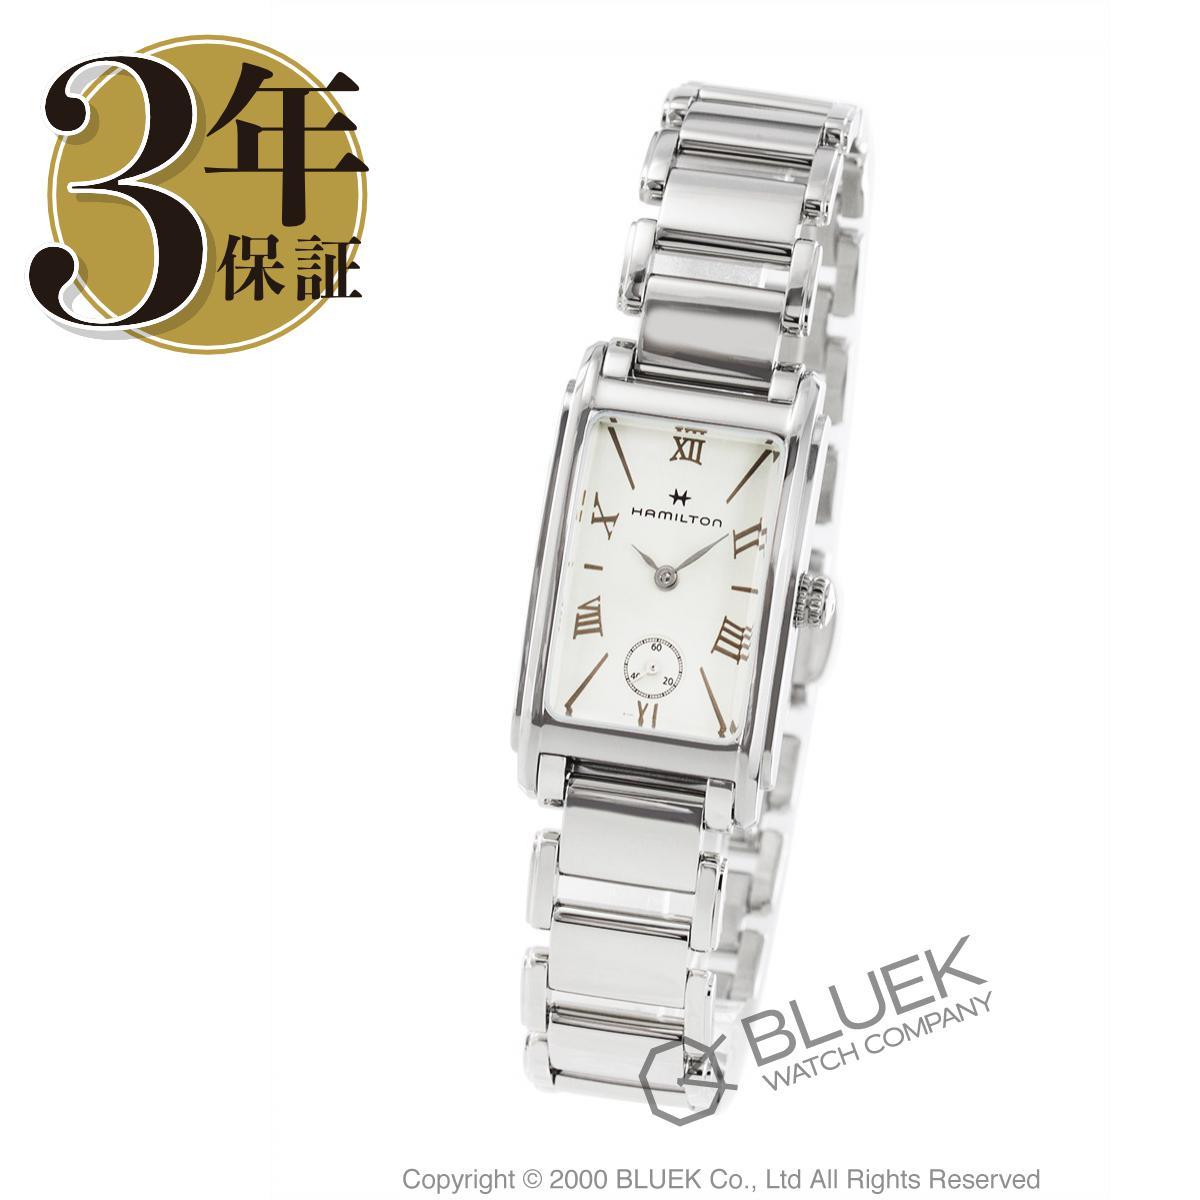 ハミルトン アードモア 腕時計 レディース HAMILTON H11221114_3